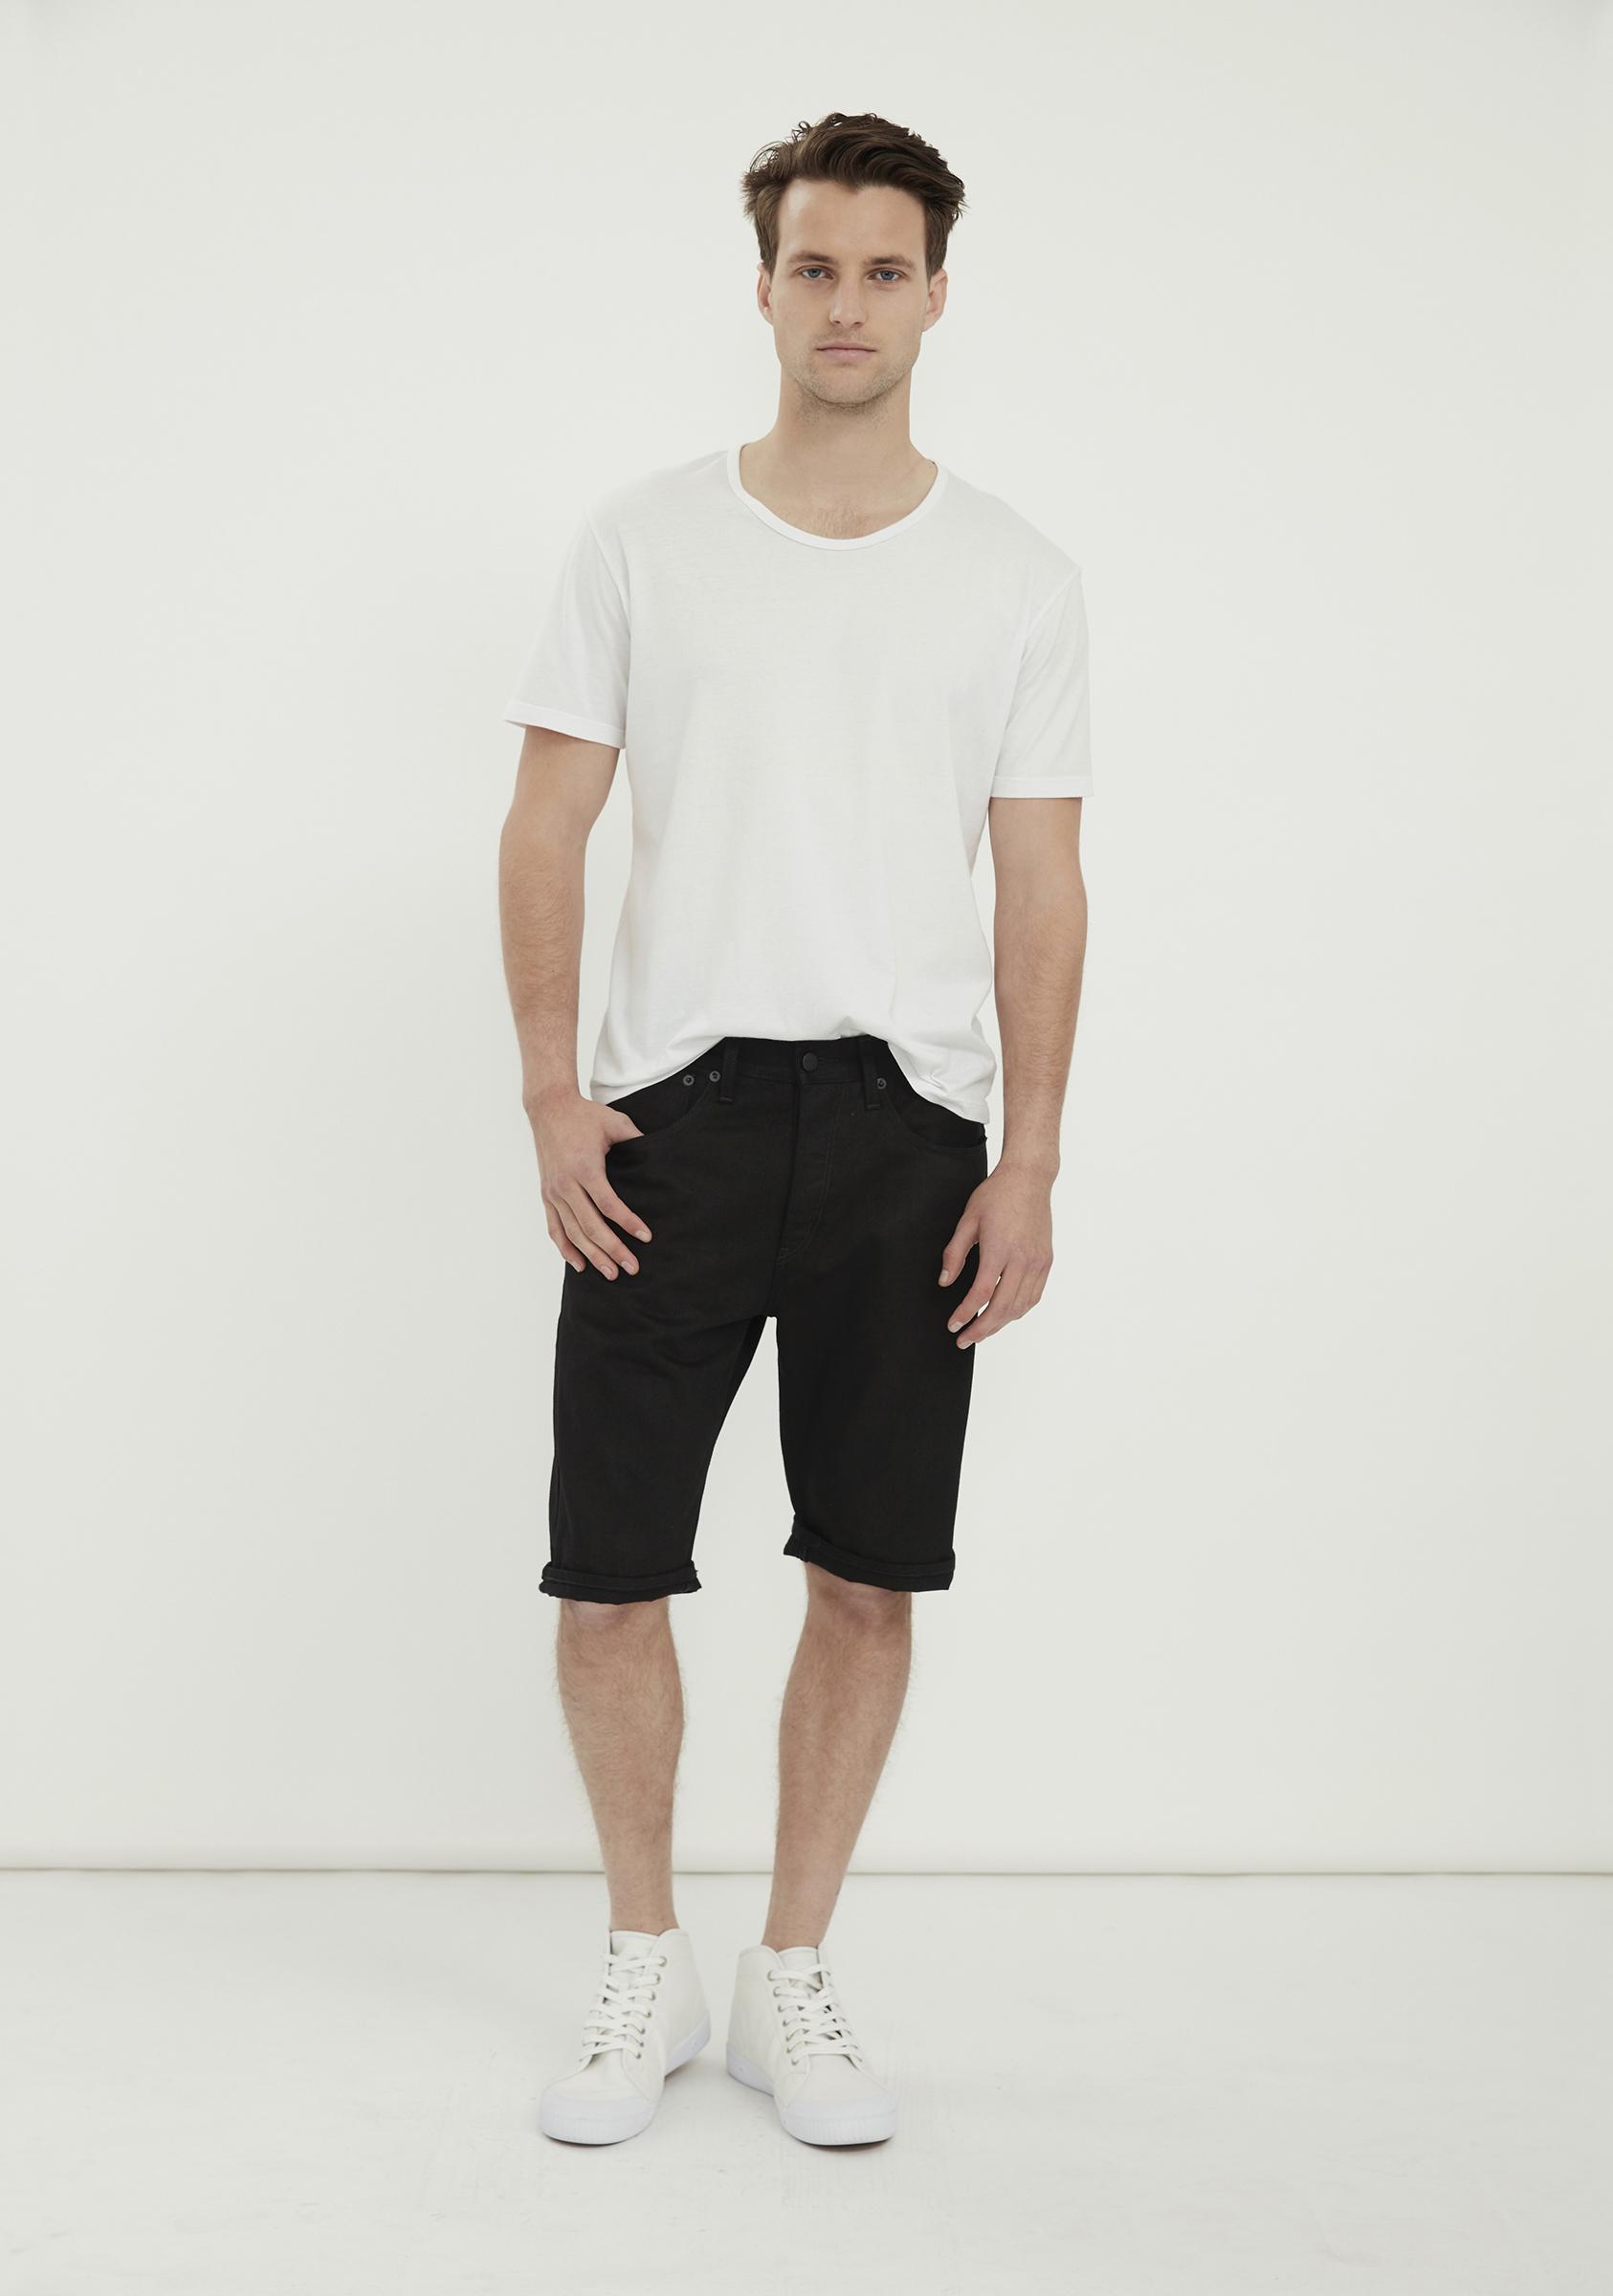 OLIVER Short – Black